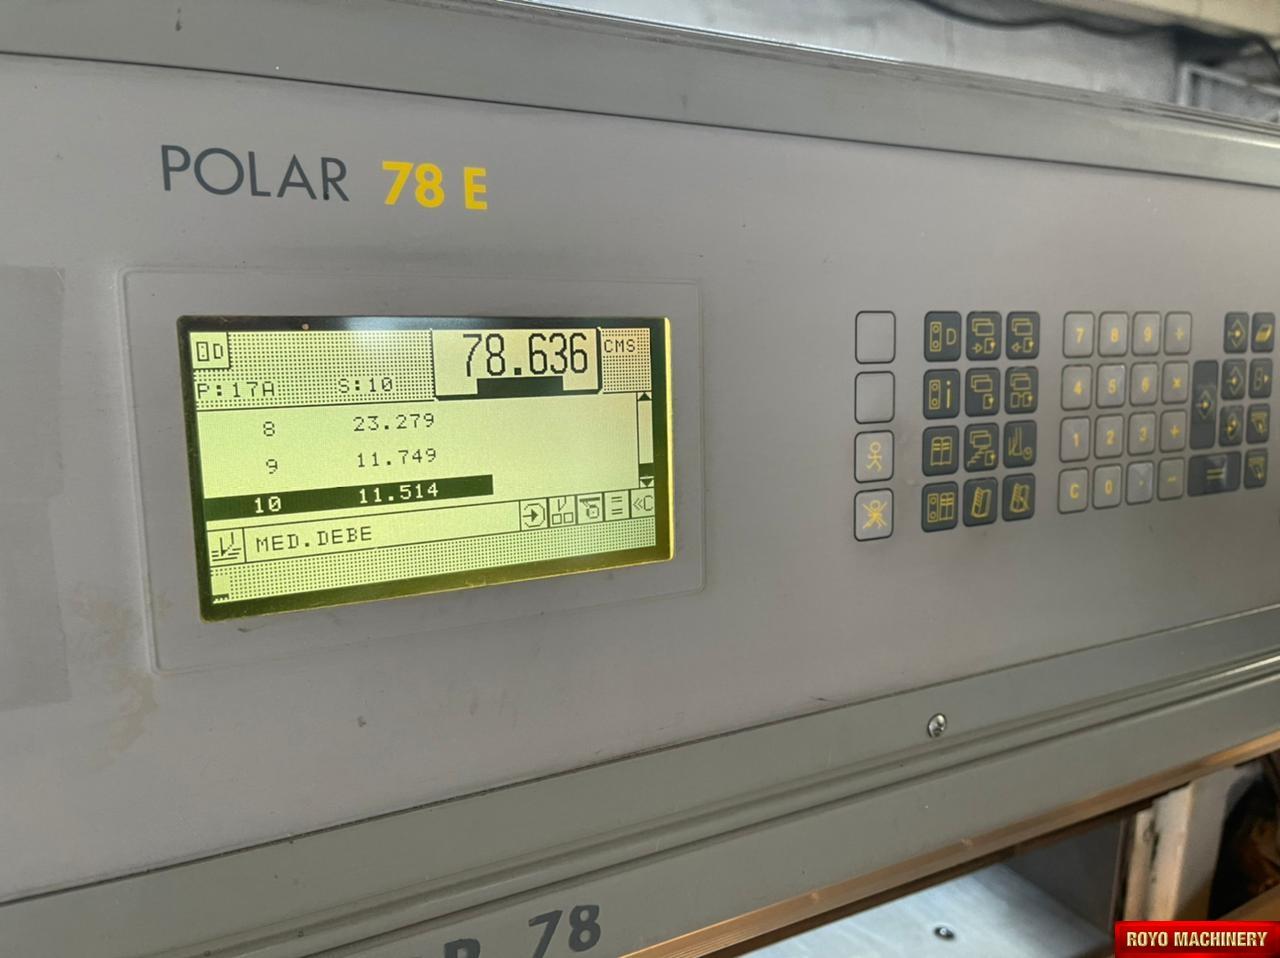 Polar 78 E